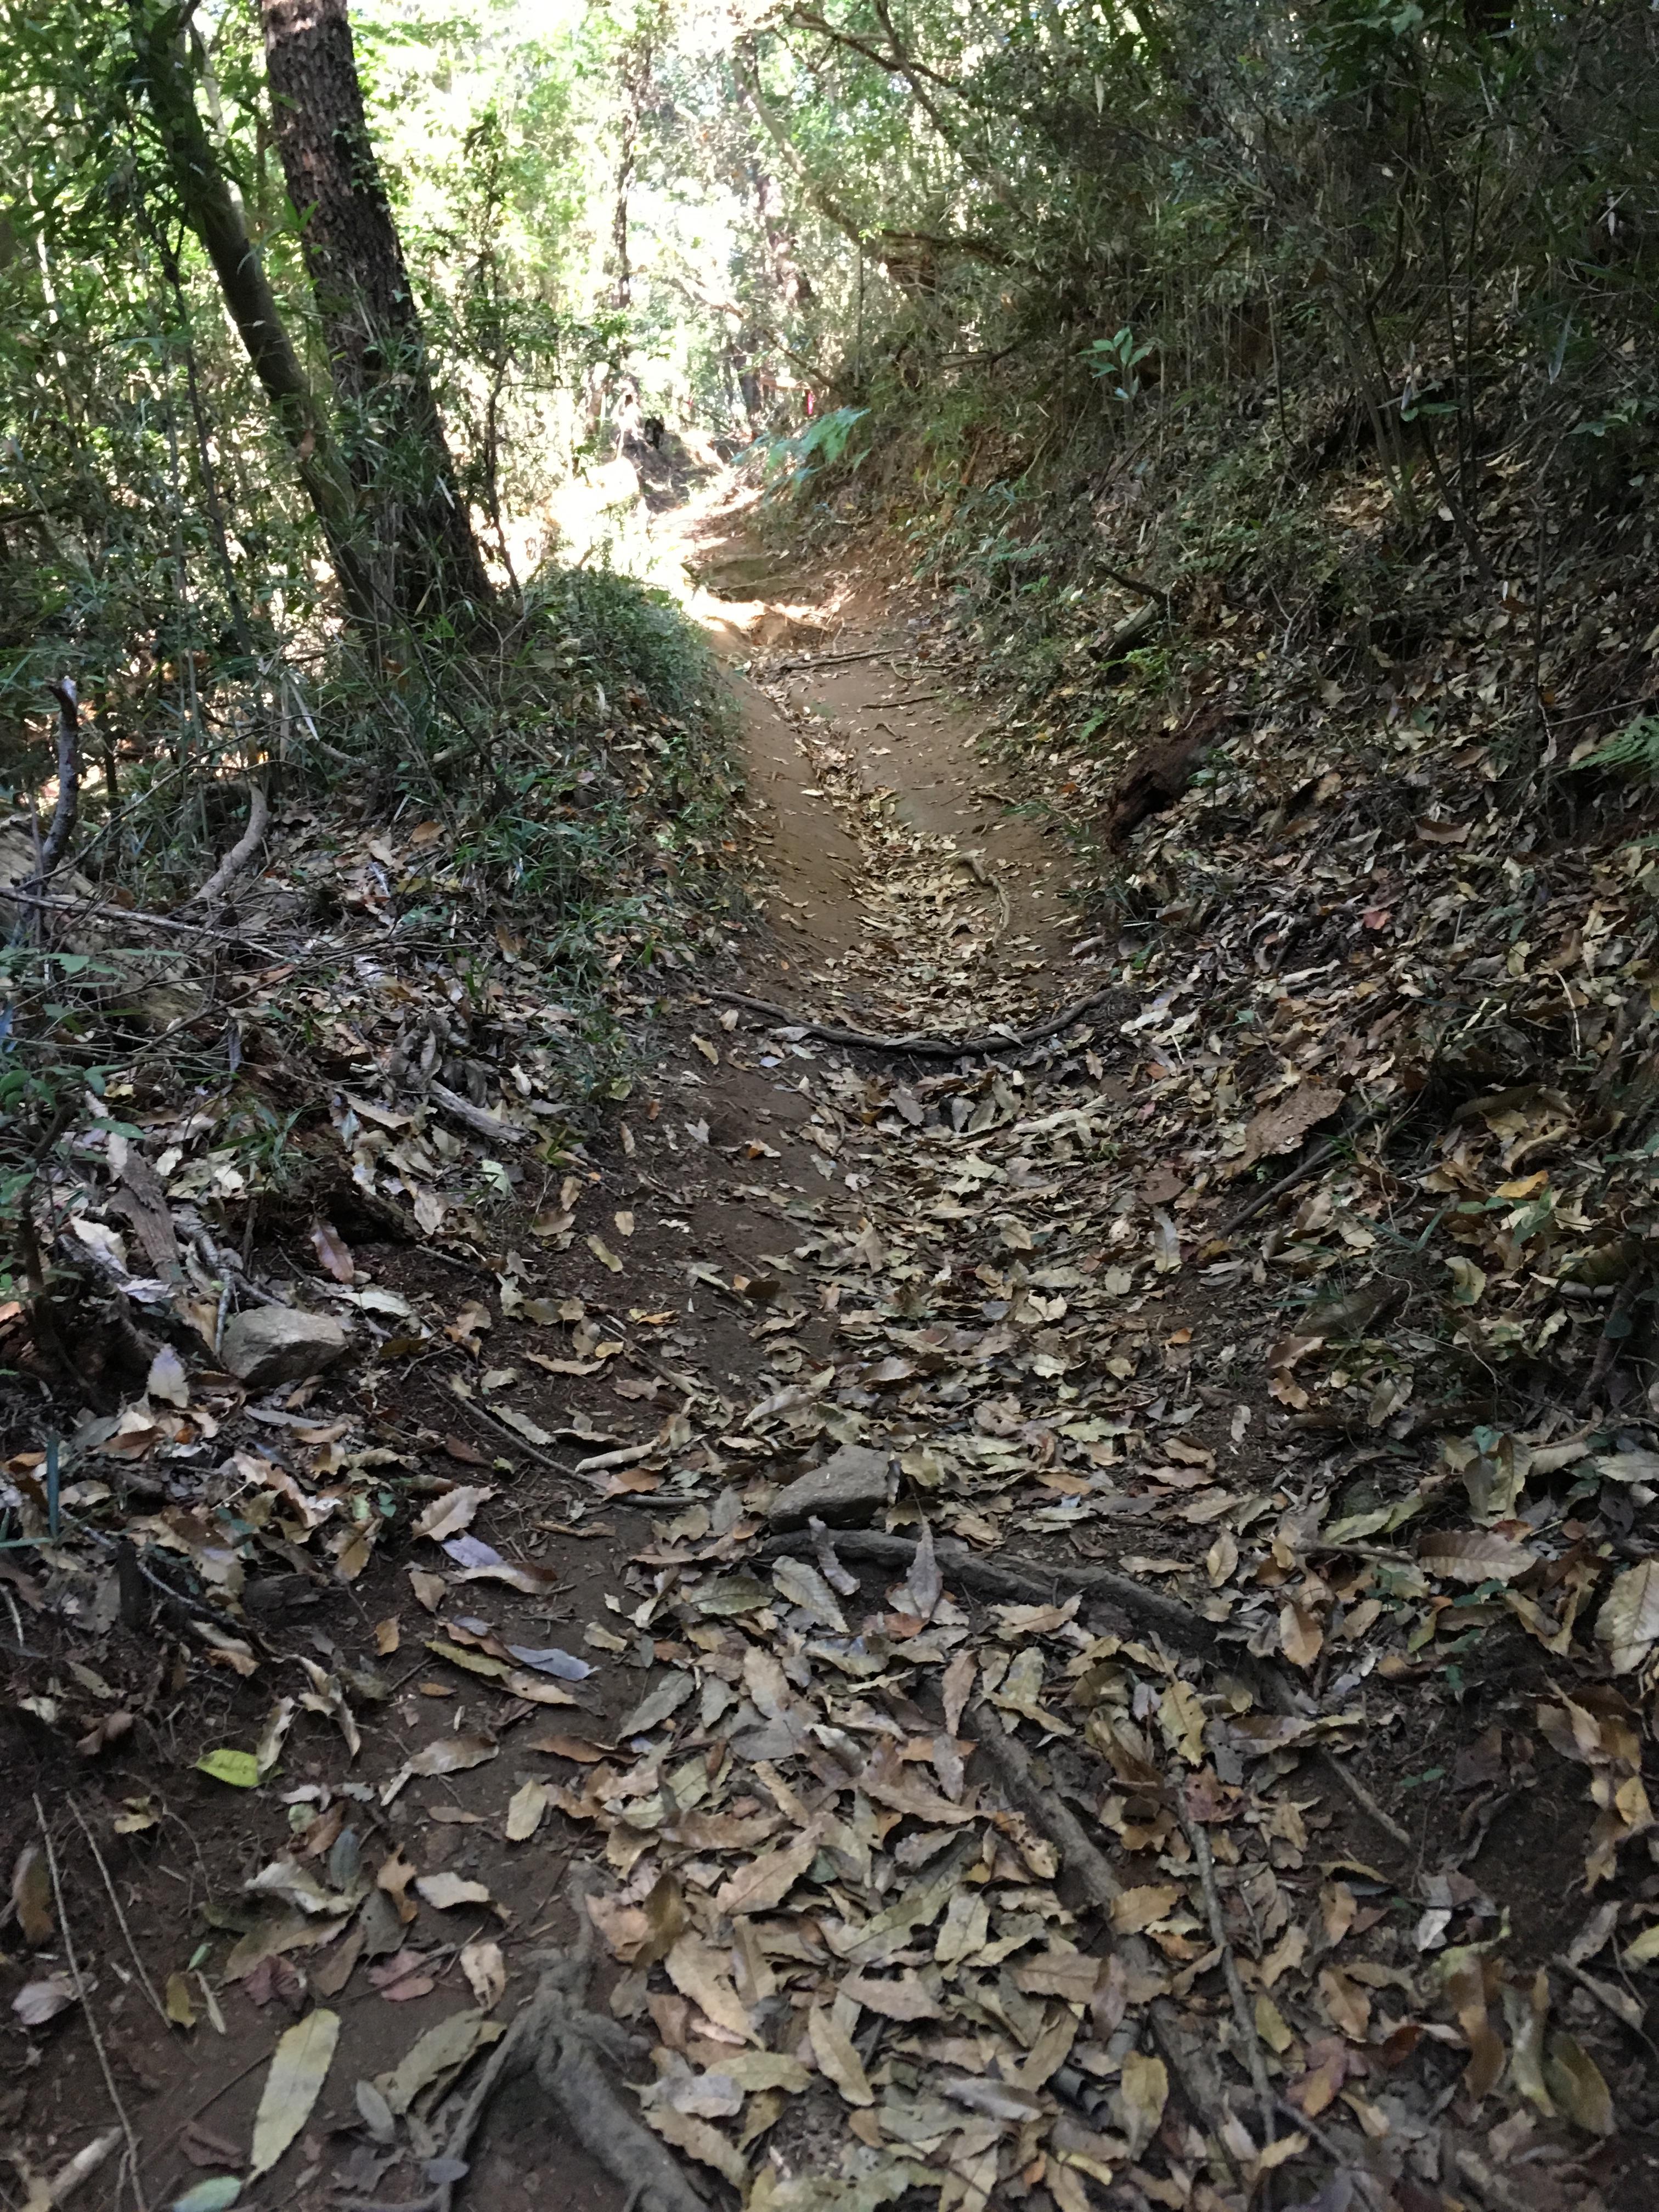 ダイエット登山 宝篋山登山道の狭さ